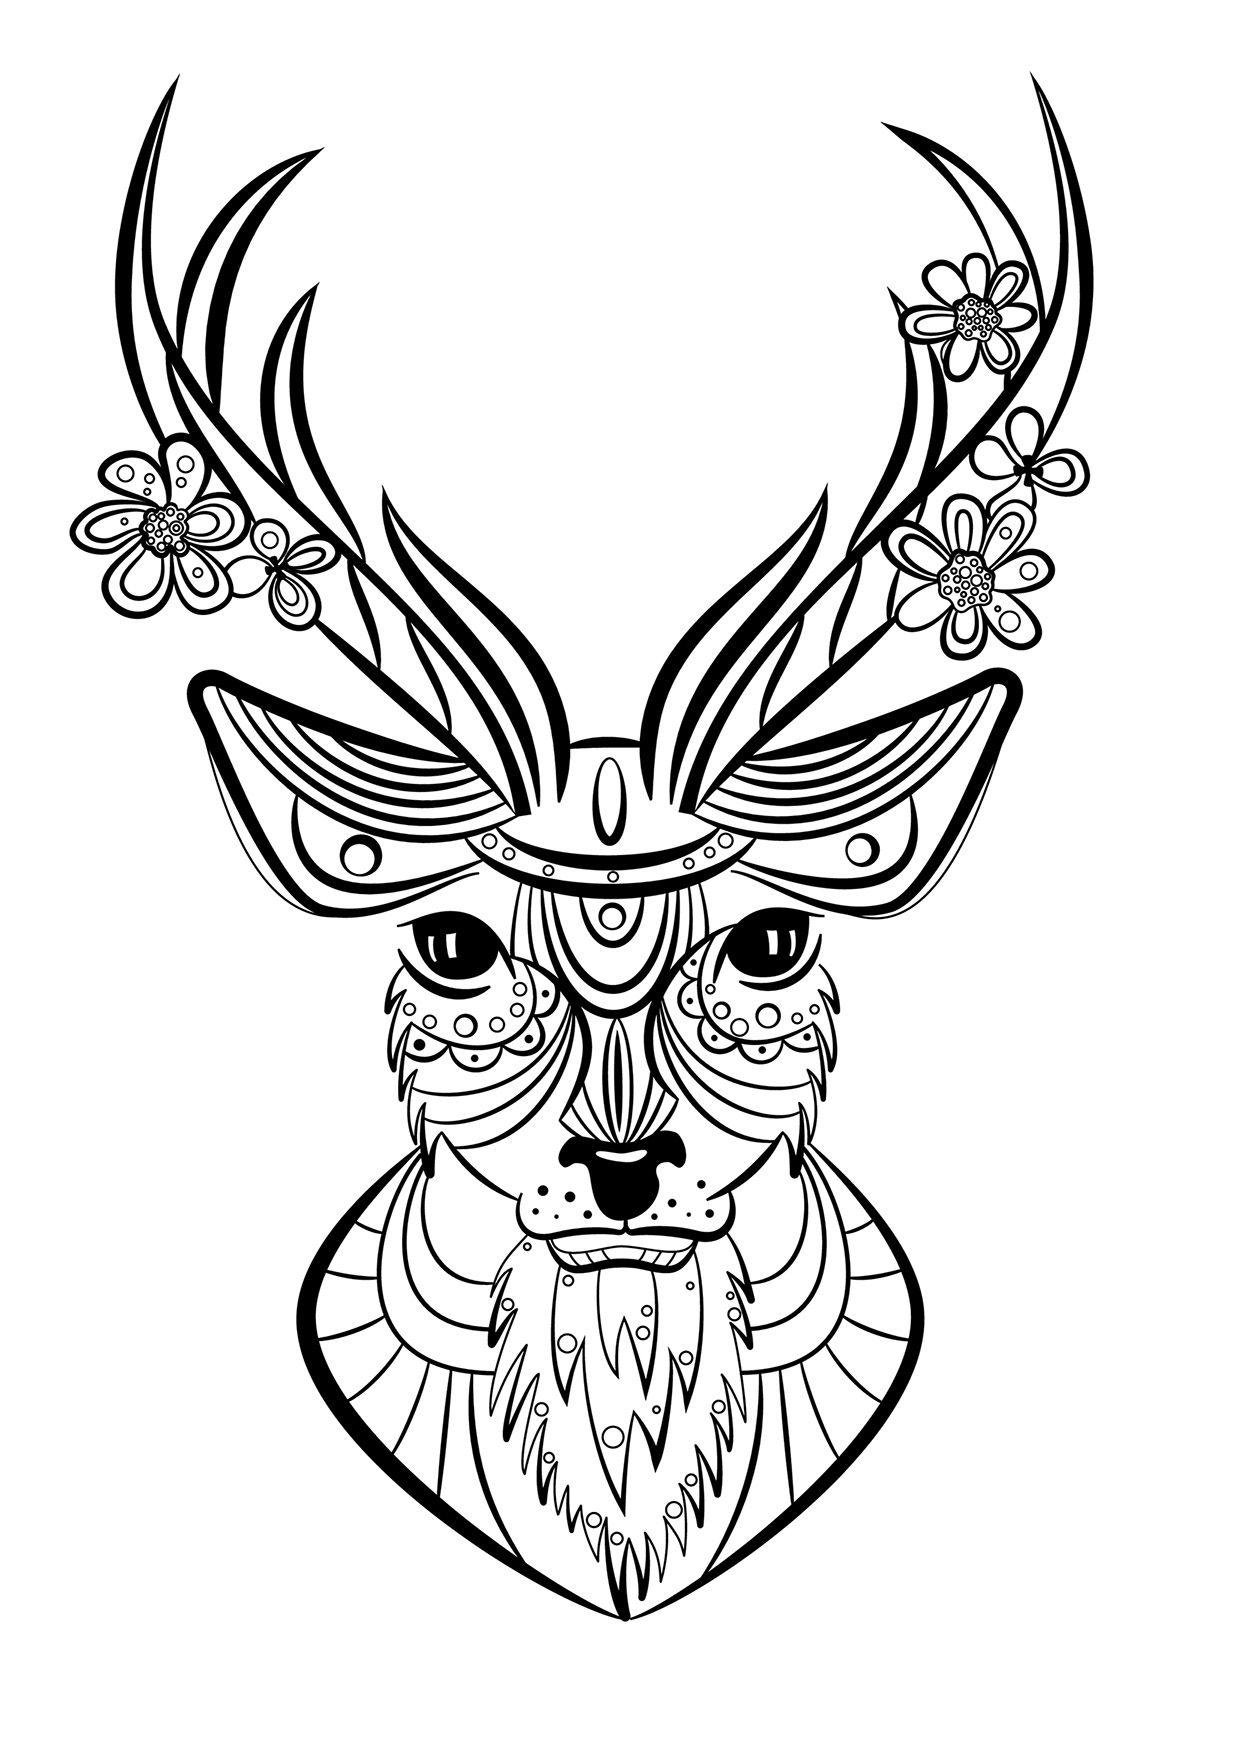 Animaux sauvages, flânerie et coloriage - Créapassions